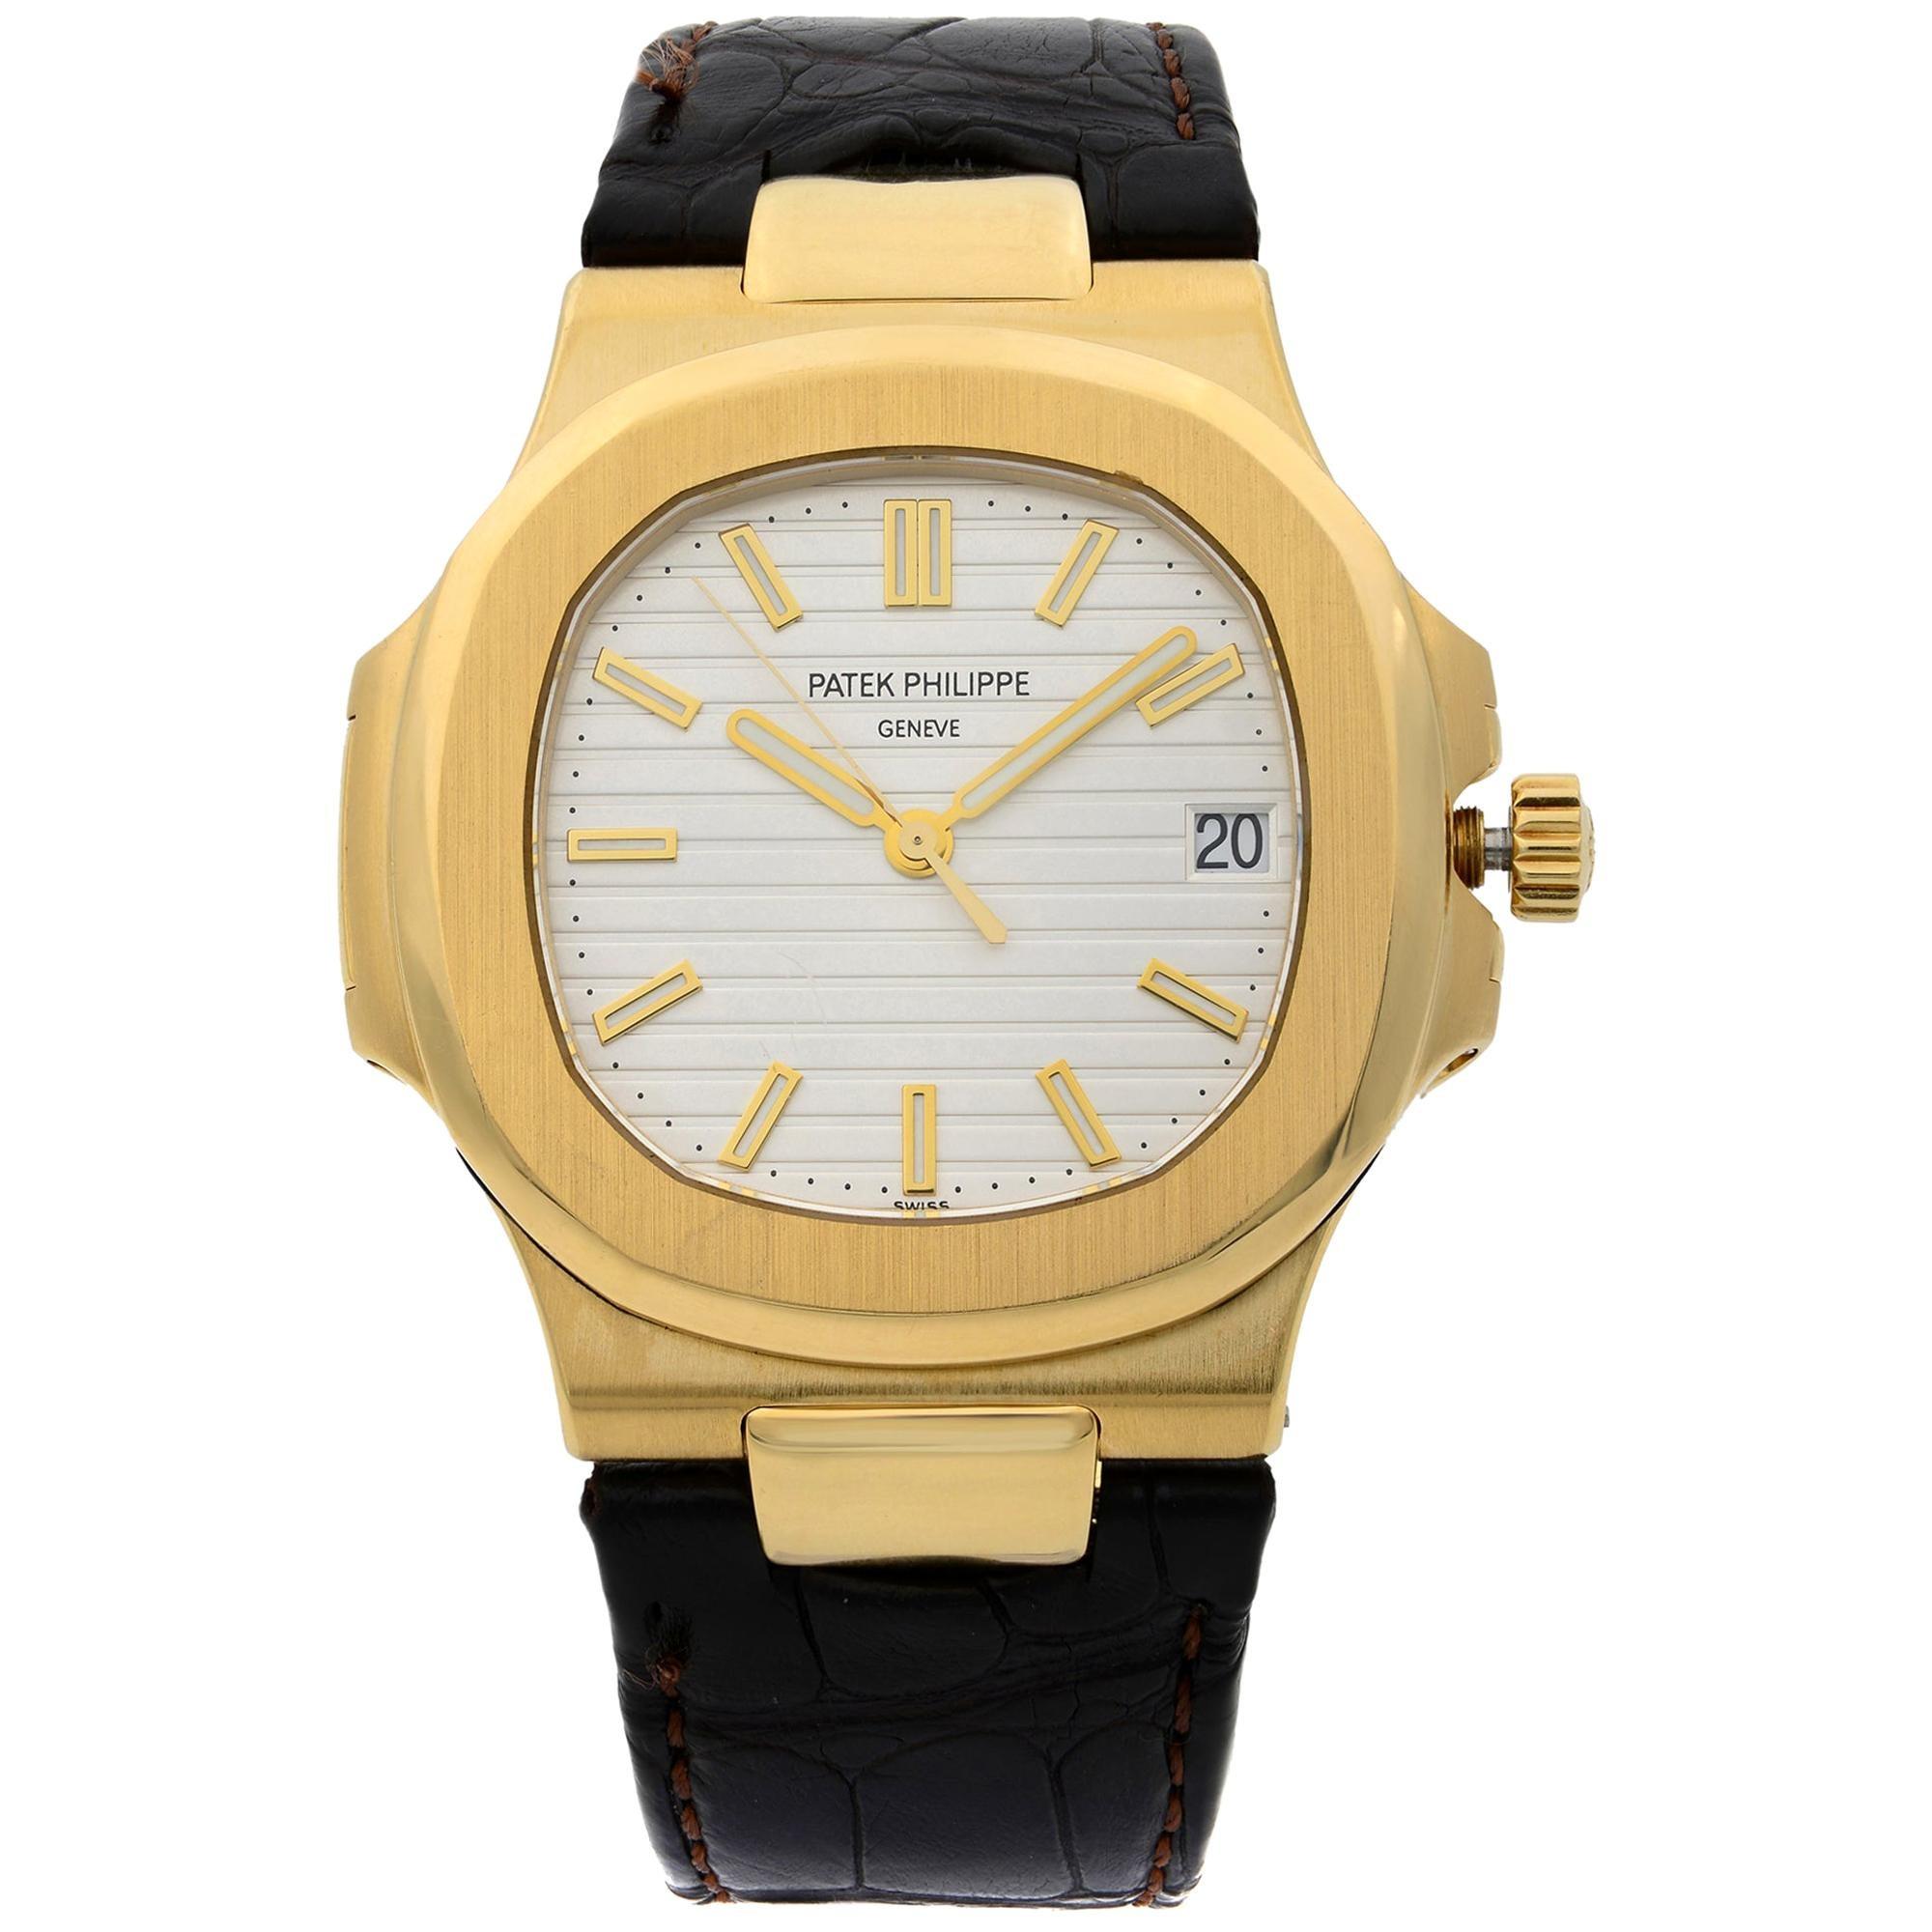 Patek Philippe Nautilus 18 Karat Gold Brown Leather Band Men's Watch 5711J-001